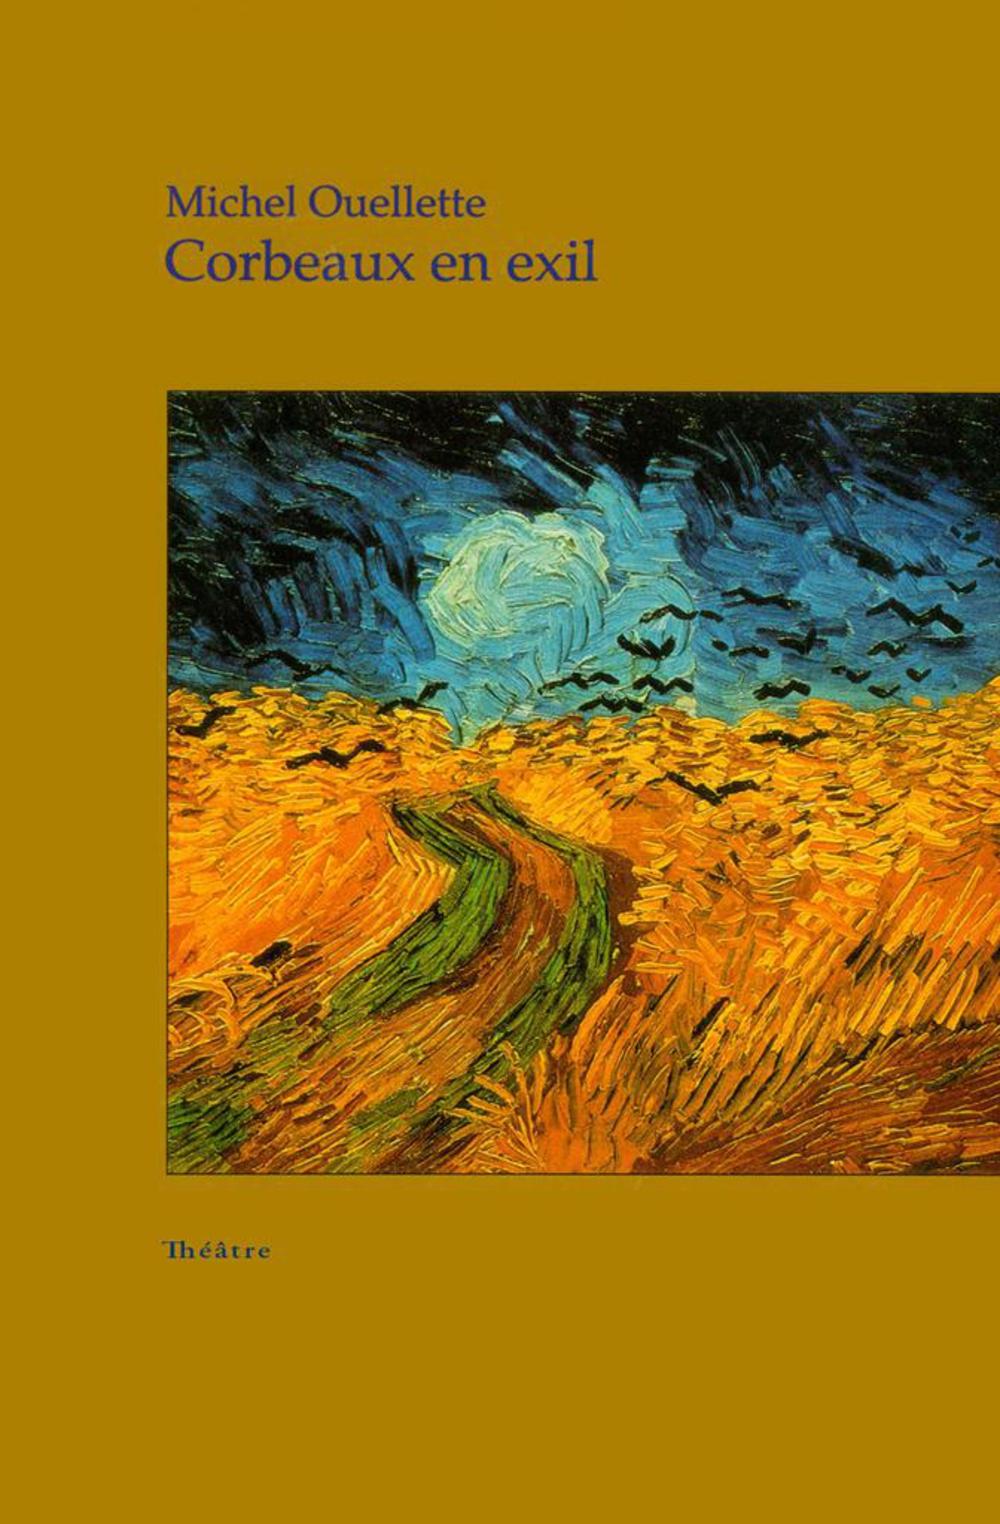 Corbeaux en exil